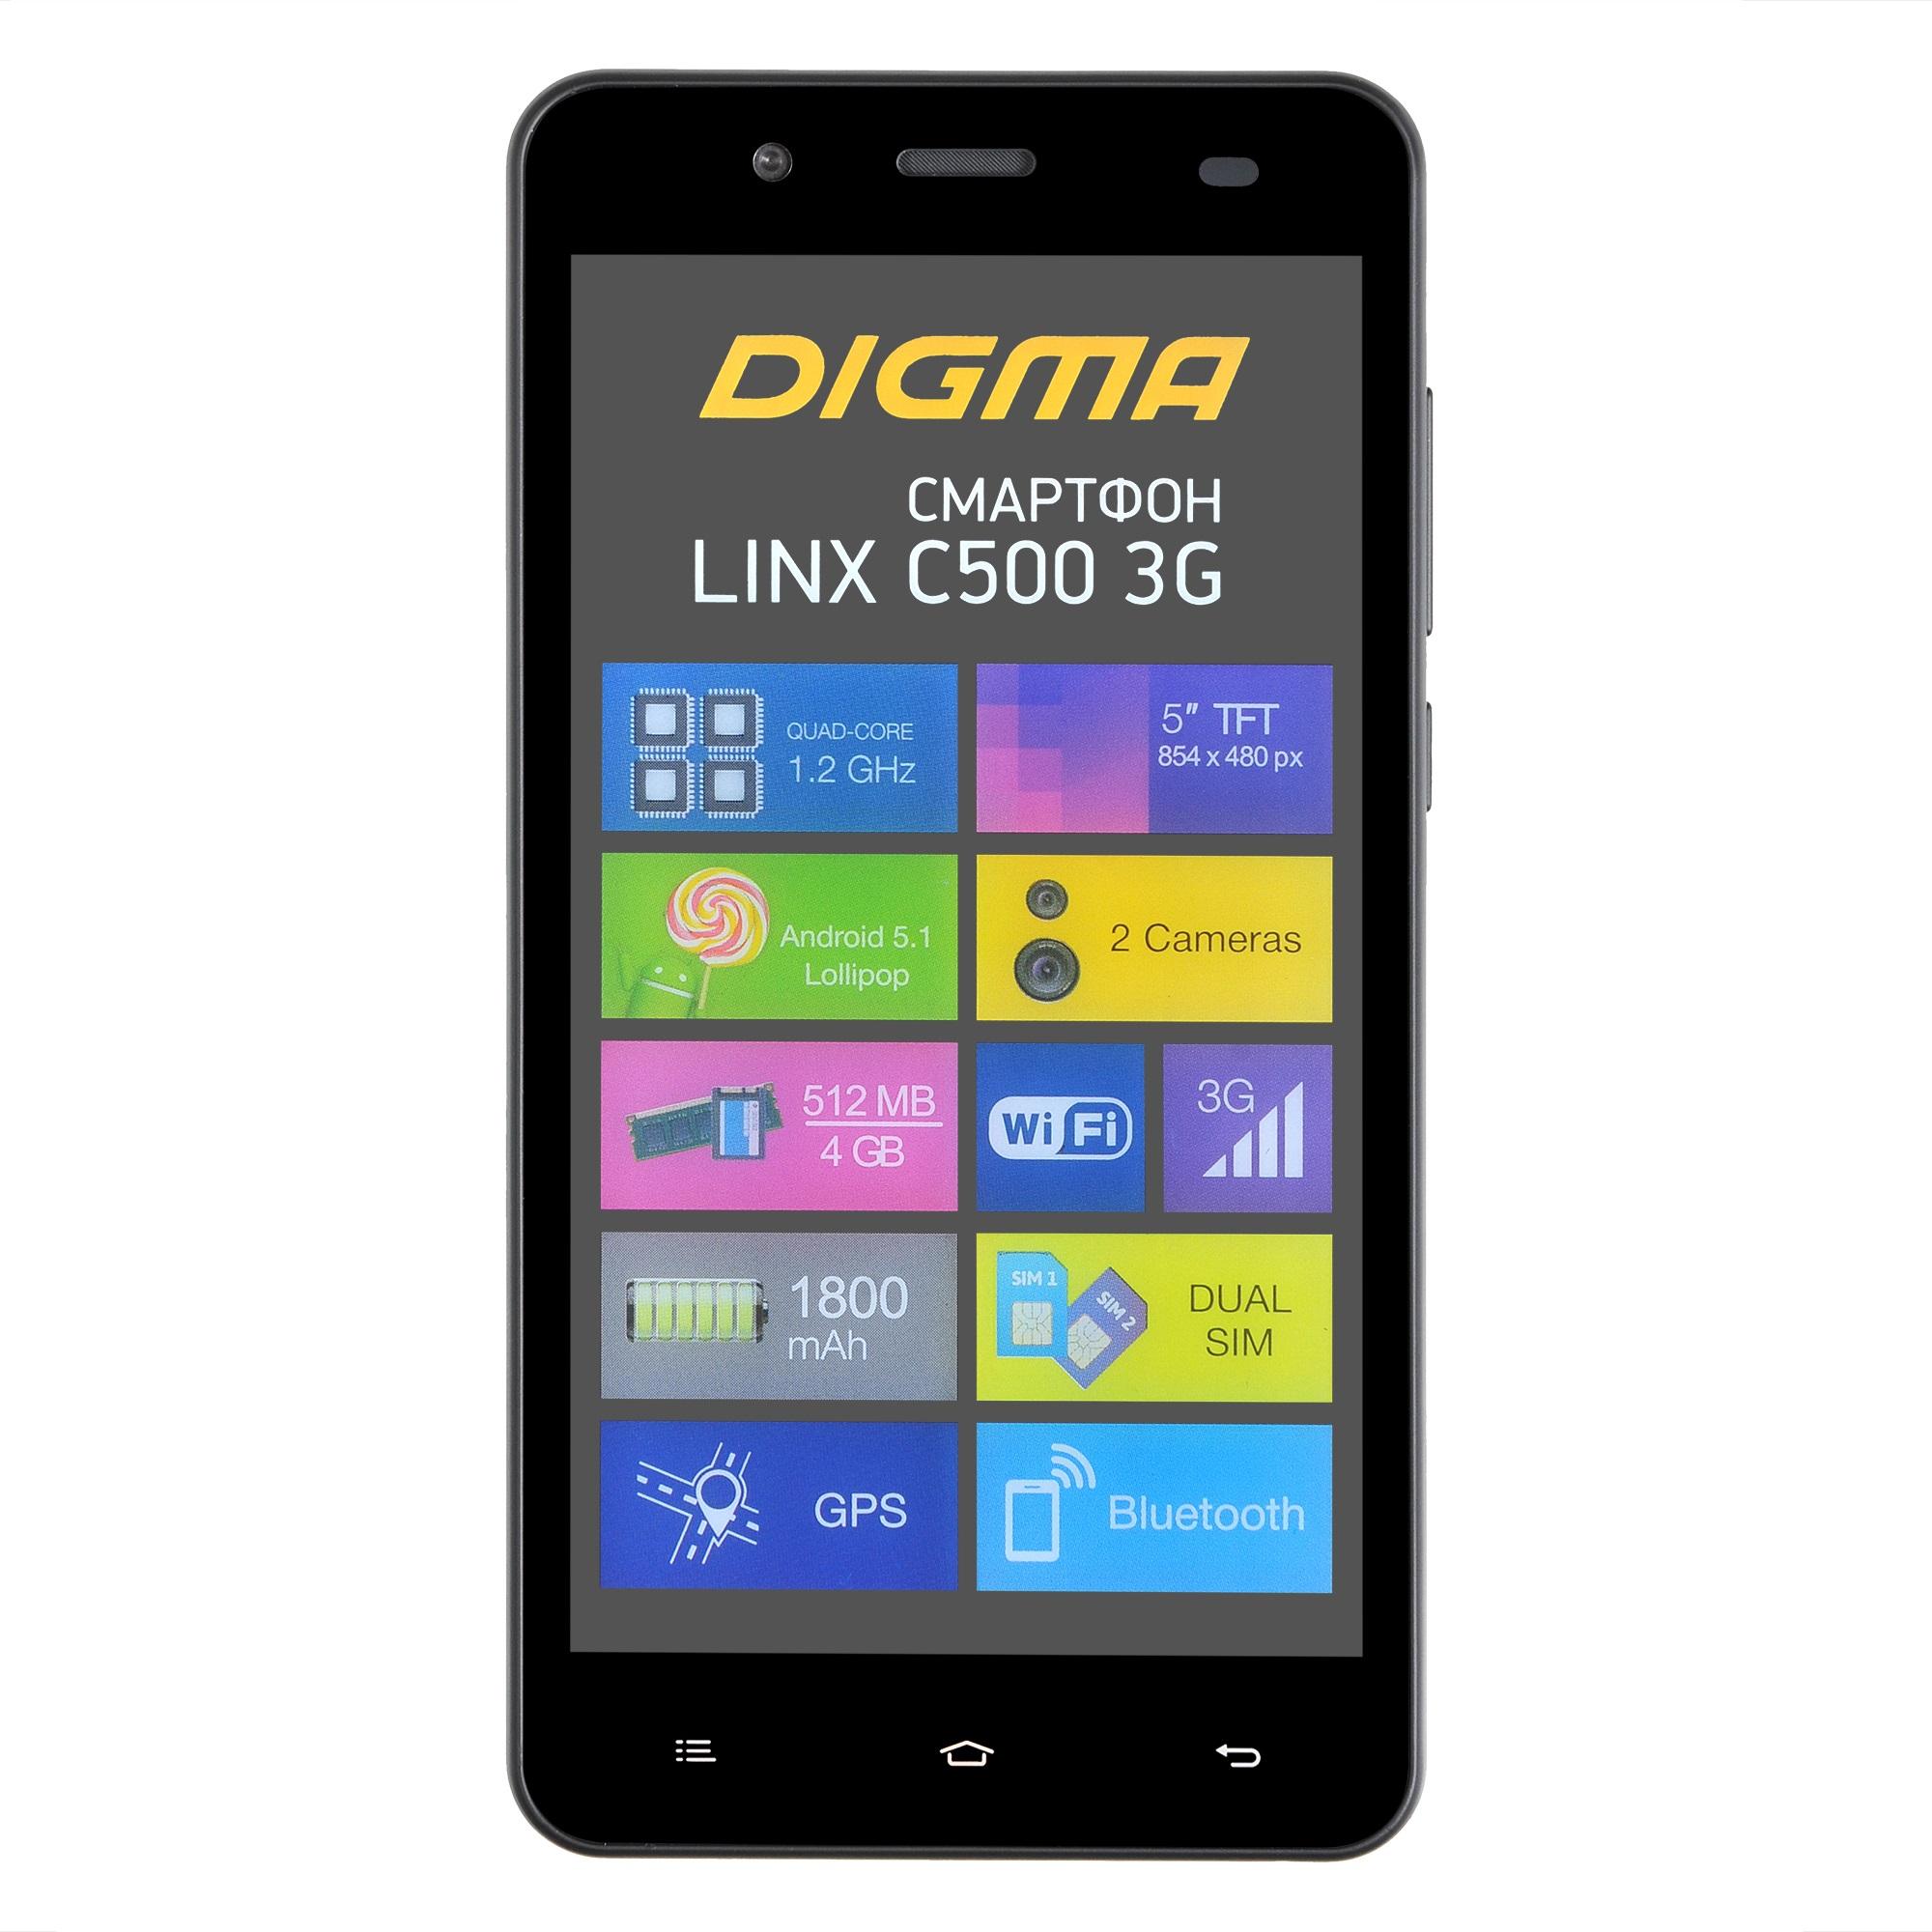 LINX C500 3G